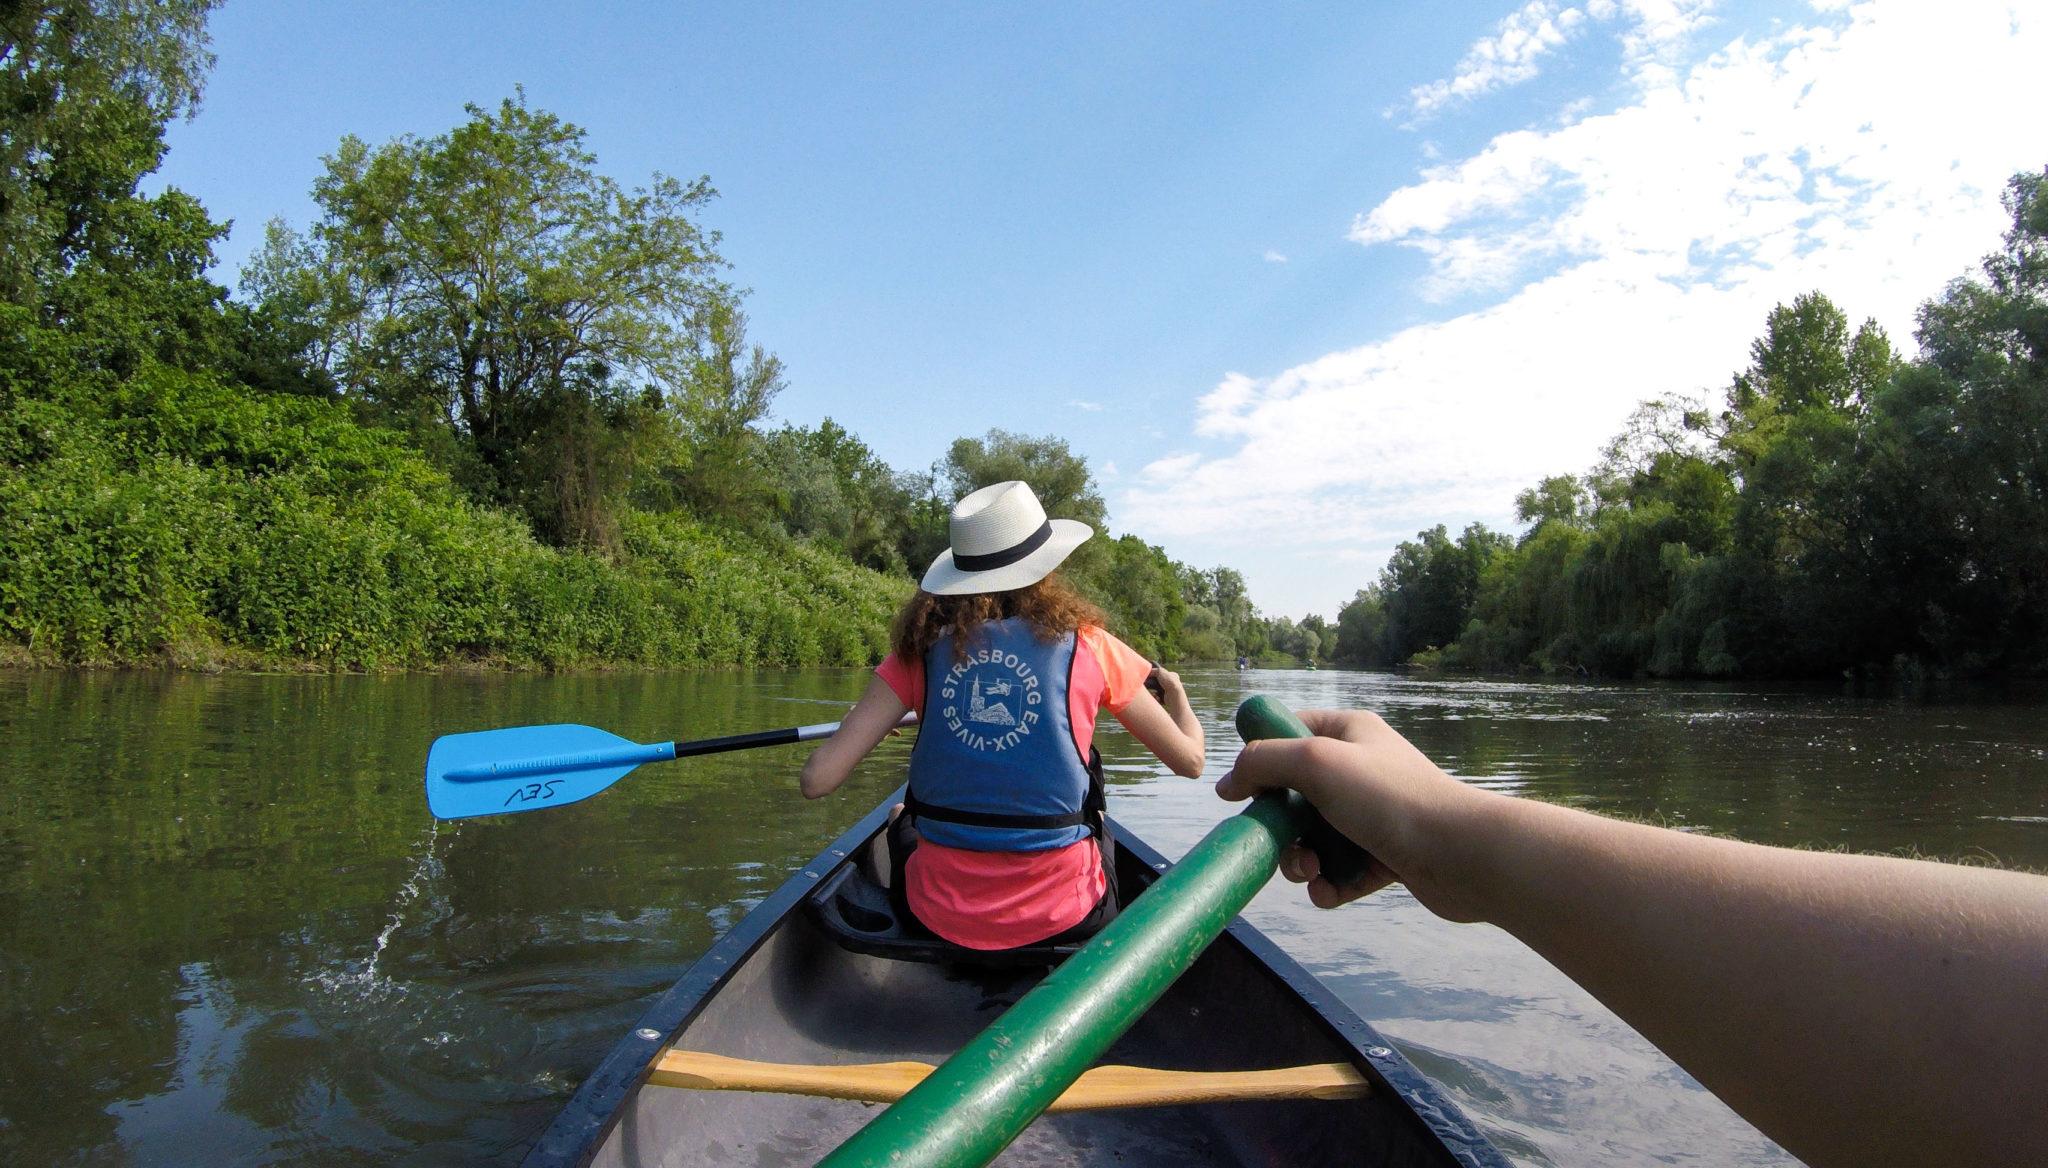 Faire du kayak et du canoë à Strasbourg - Visiter Strasbourg au fil de l'eau: 2 jours dans la capitale alsacienne entre amies - Par Voyages et Vagabondages, le blog du voyage en solo au féminin - Récit, photos, conseils, idées de visite et bonnes adresses pour visiter Strasbourg